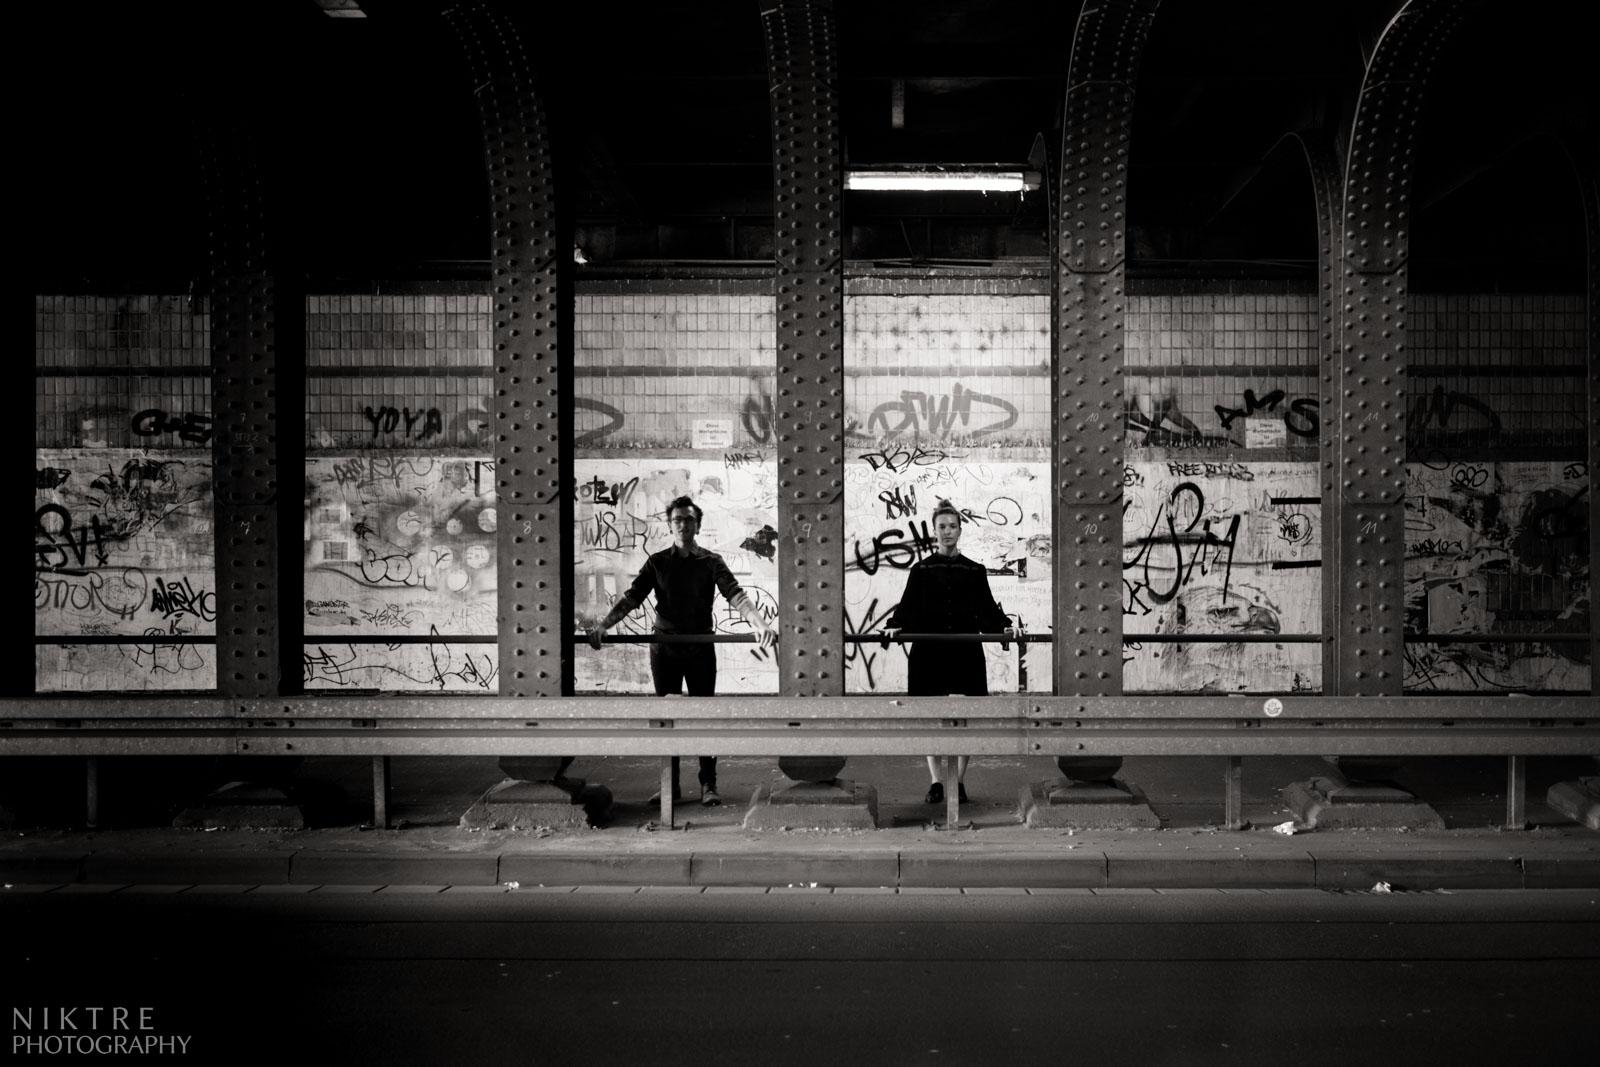 Ein Paar posiert in einem Tunnel mit Graffiti